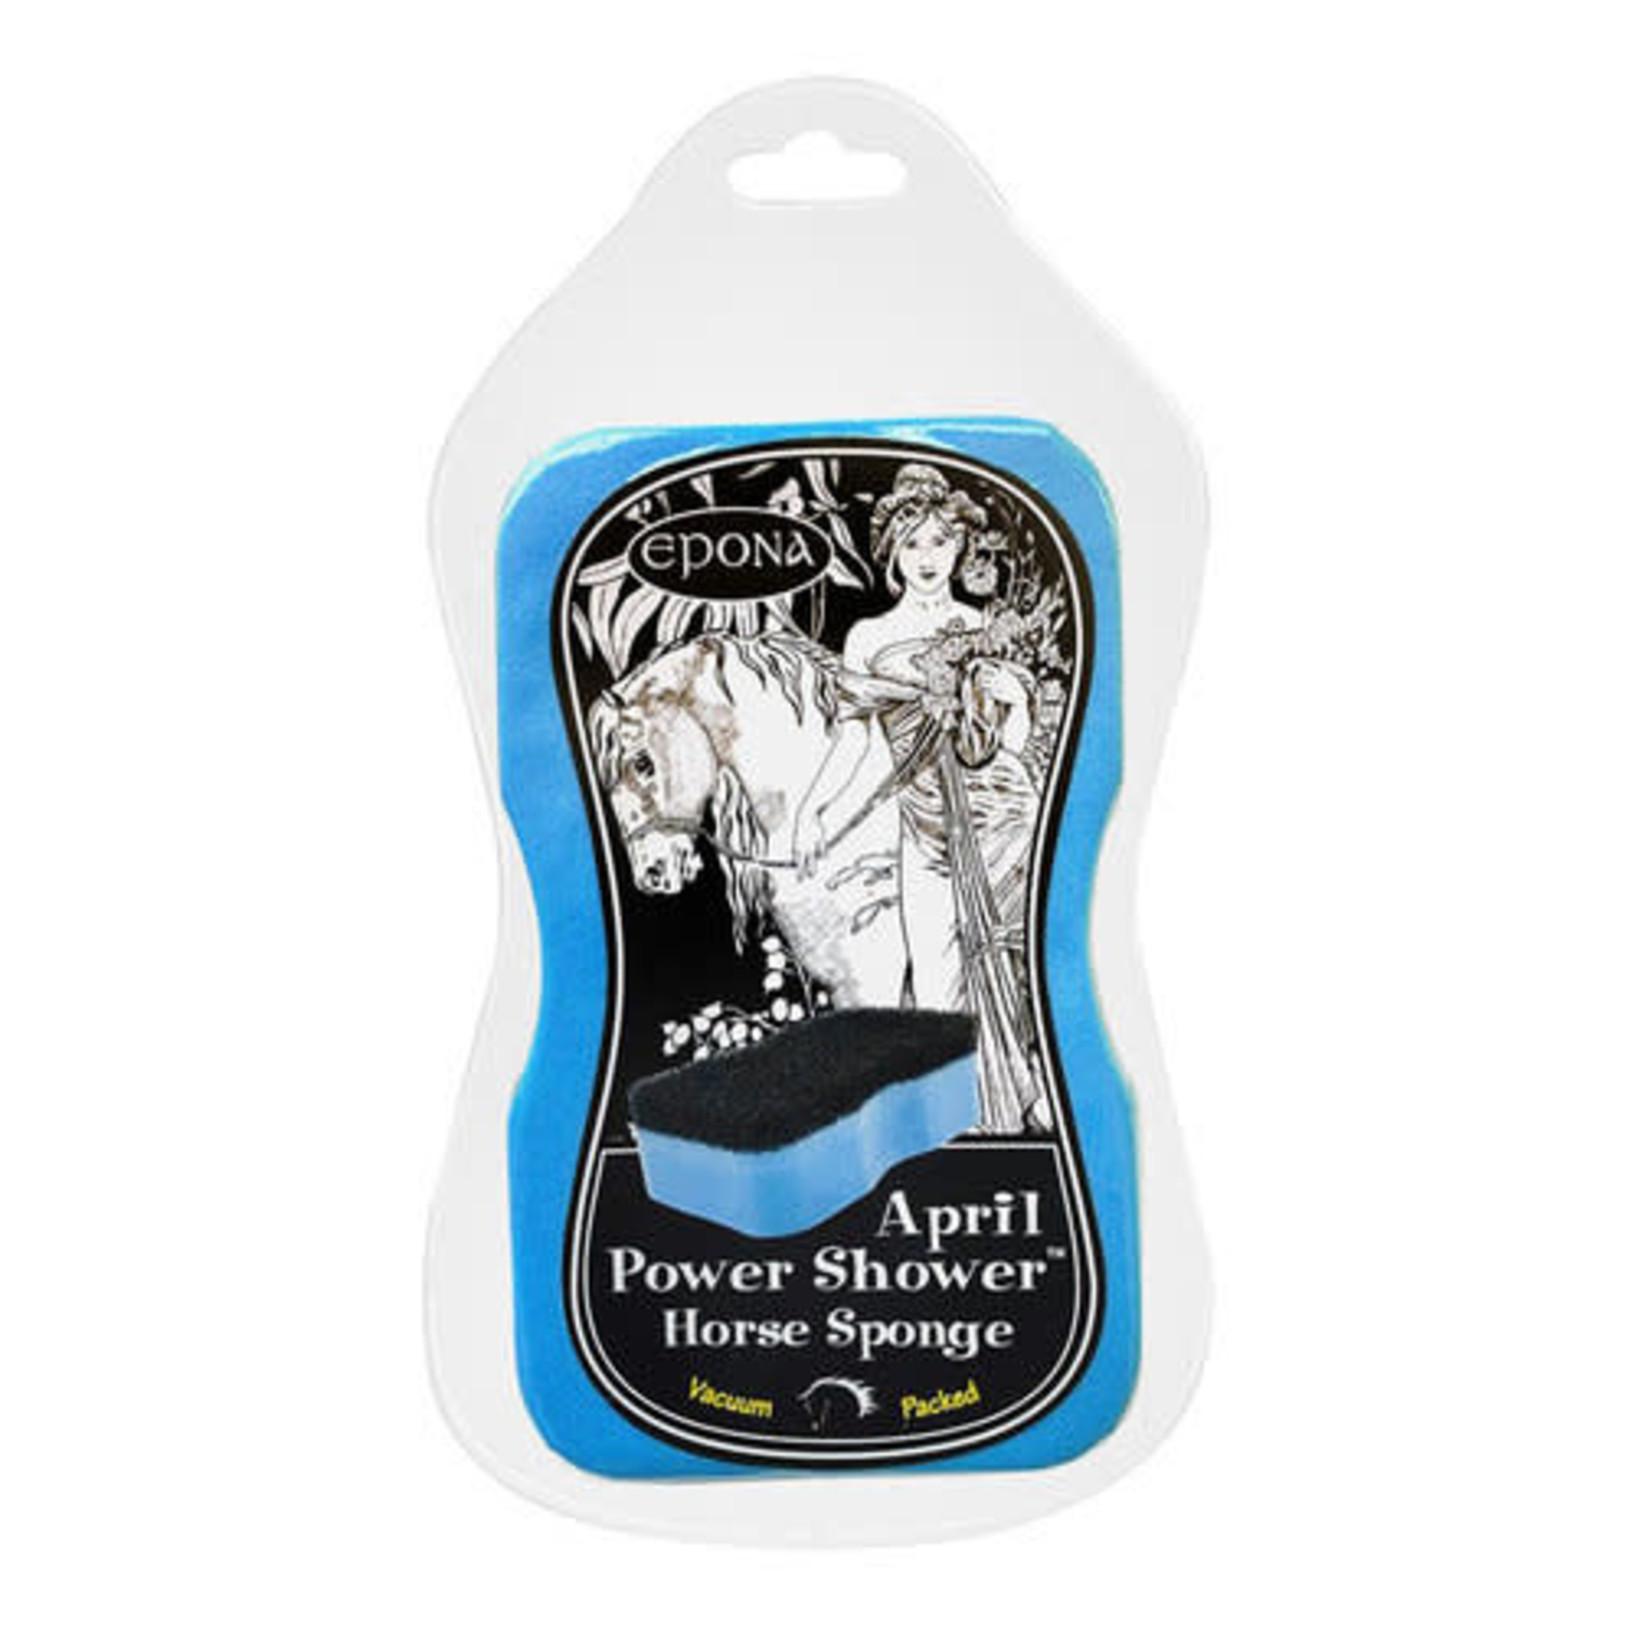 April Power Shower Sponge